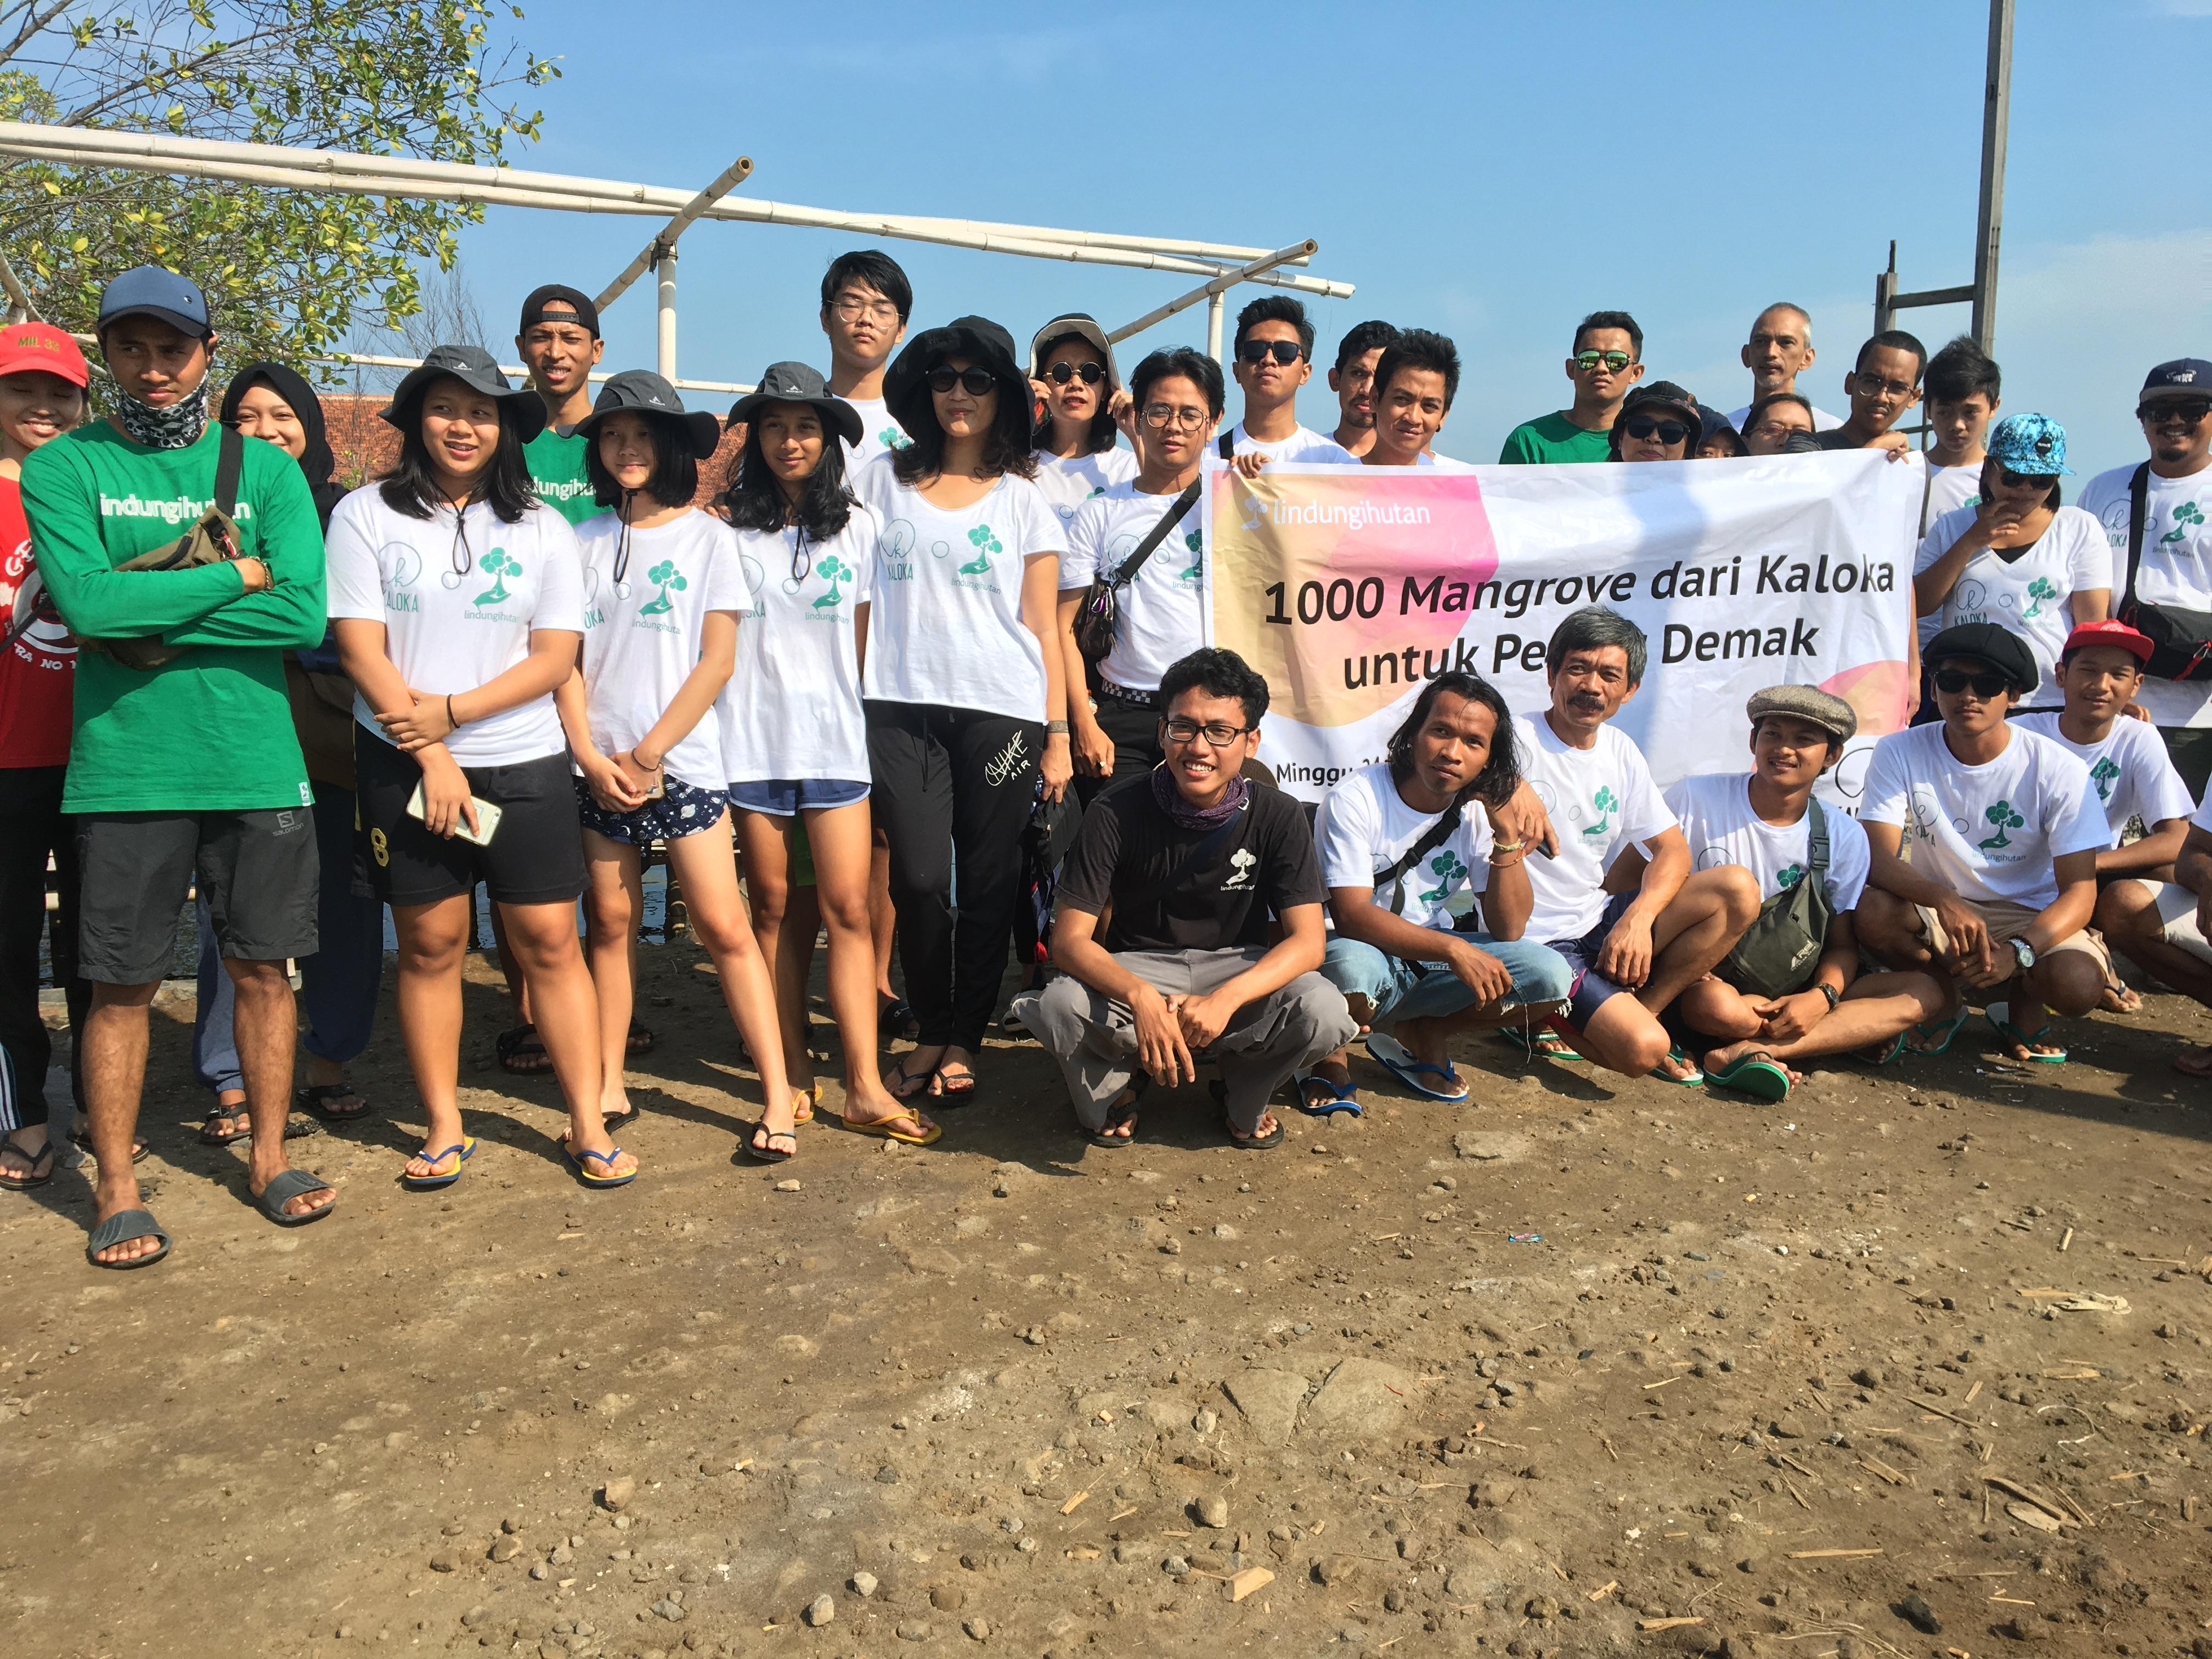 penanaman 1000 mangrove di pesisir Demak Kaloka Pottery dengan LndungiHutan